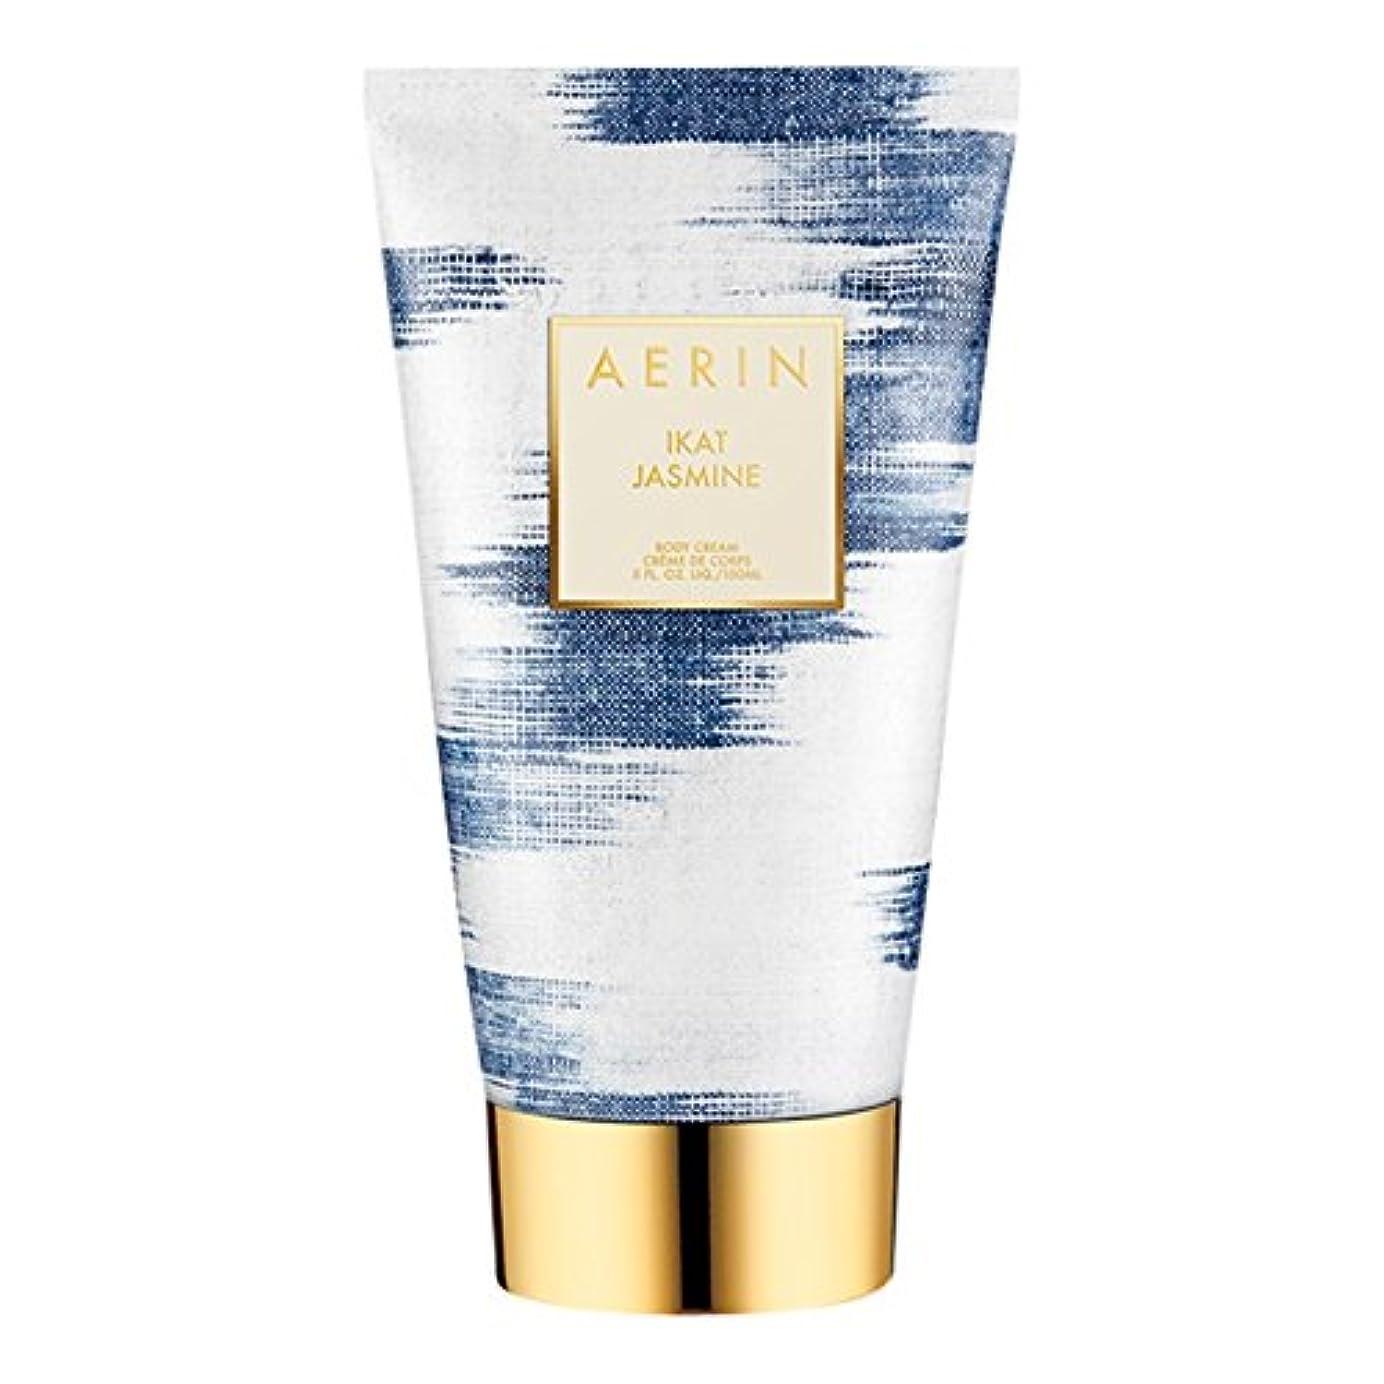 ヒューズ成人期のためAerinイカットジャスミンボディクリーム150ミリリットル (AERIN) (x6) - AERIN Ikat Jasmine Body Cream 150ml (Pack of 6) [並行輸入品]